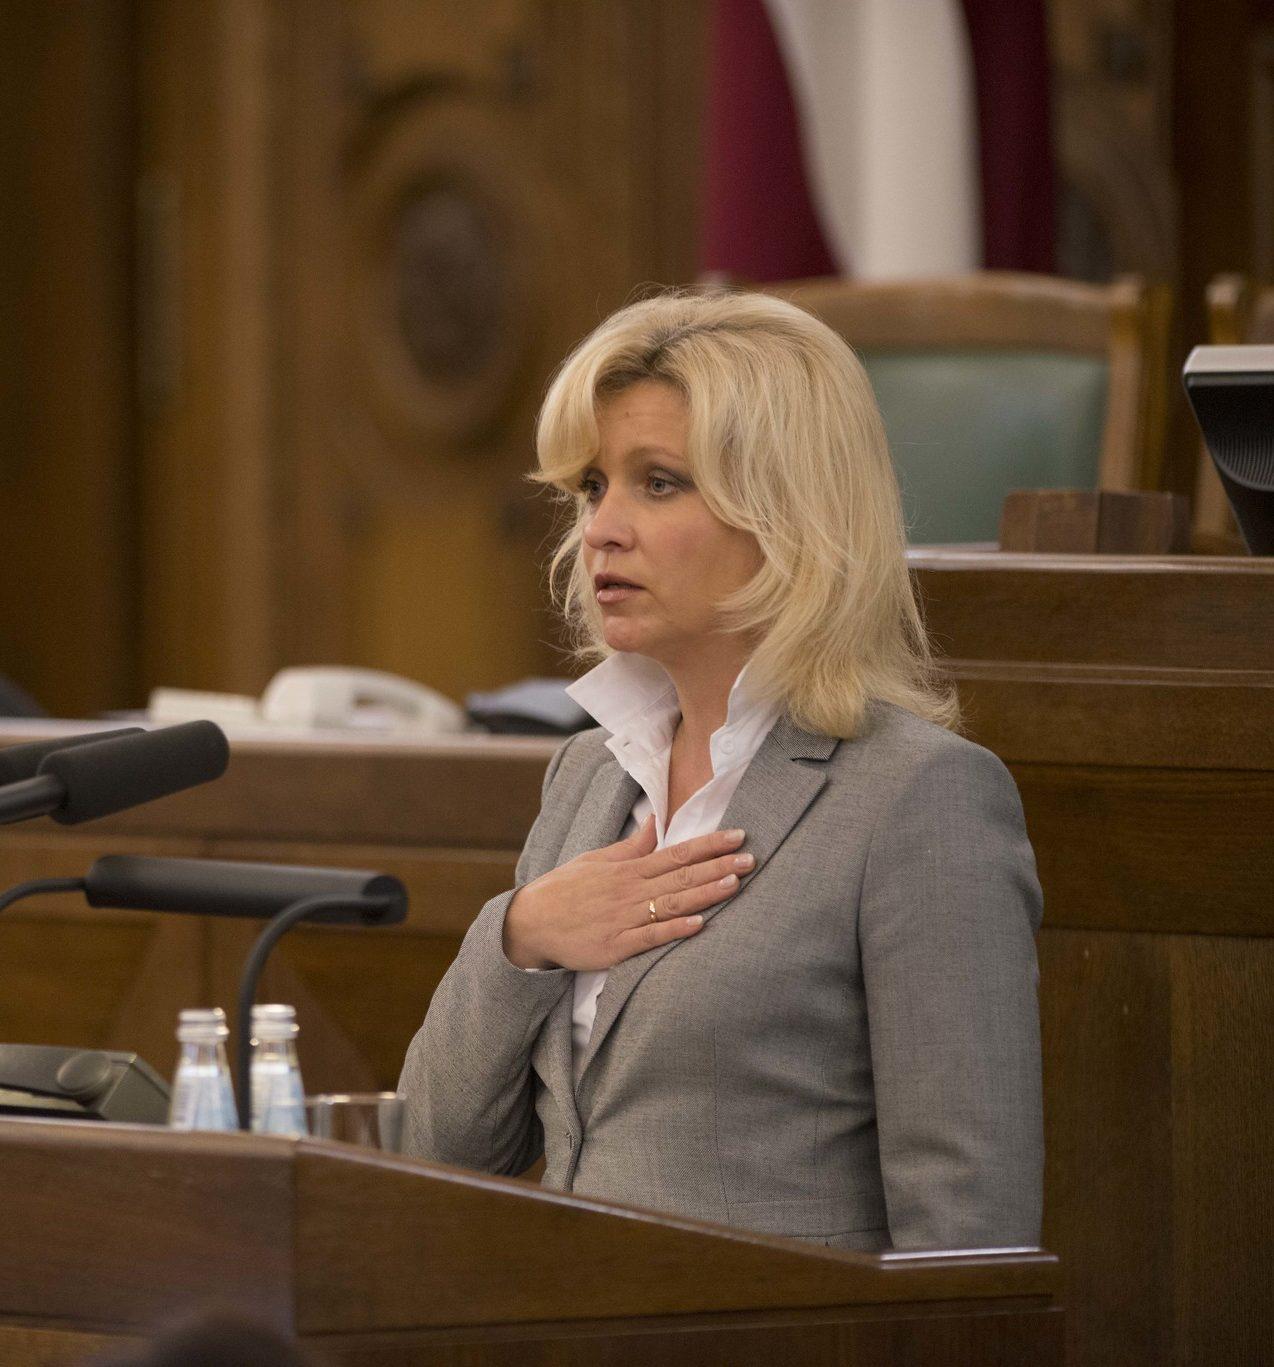 Регина Лочмеле-Лунева: как будут регулироваться отношения принудительной земельной аренды во время распространения COVID-19?